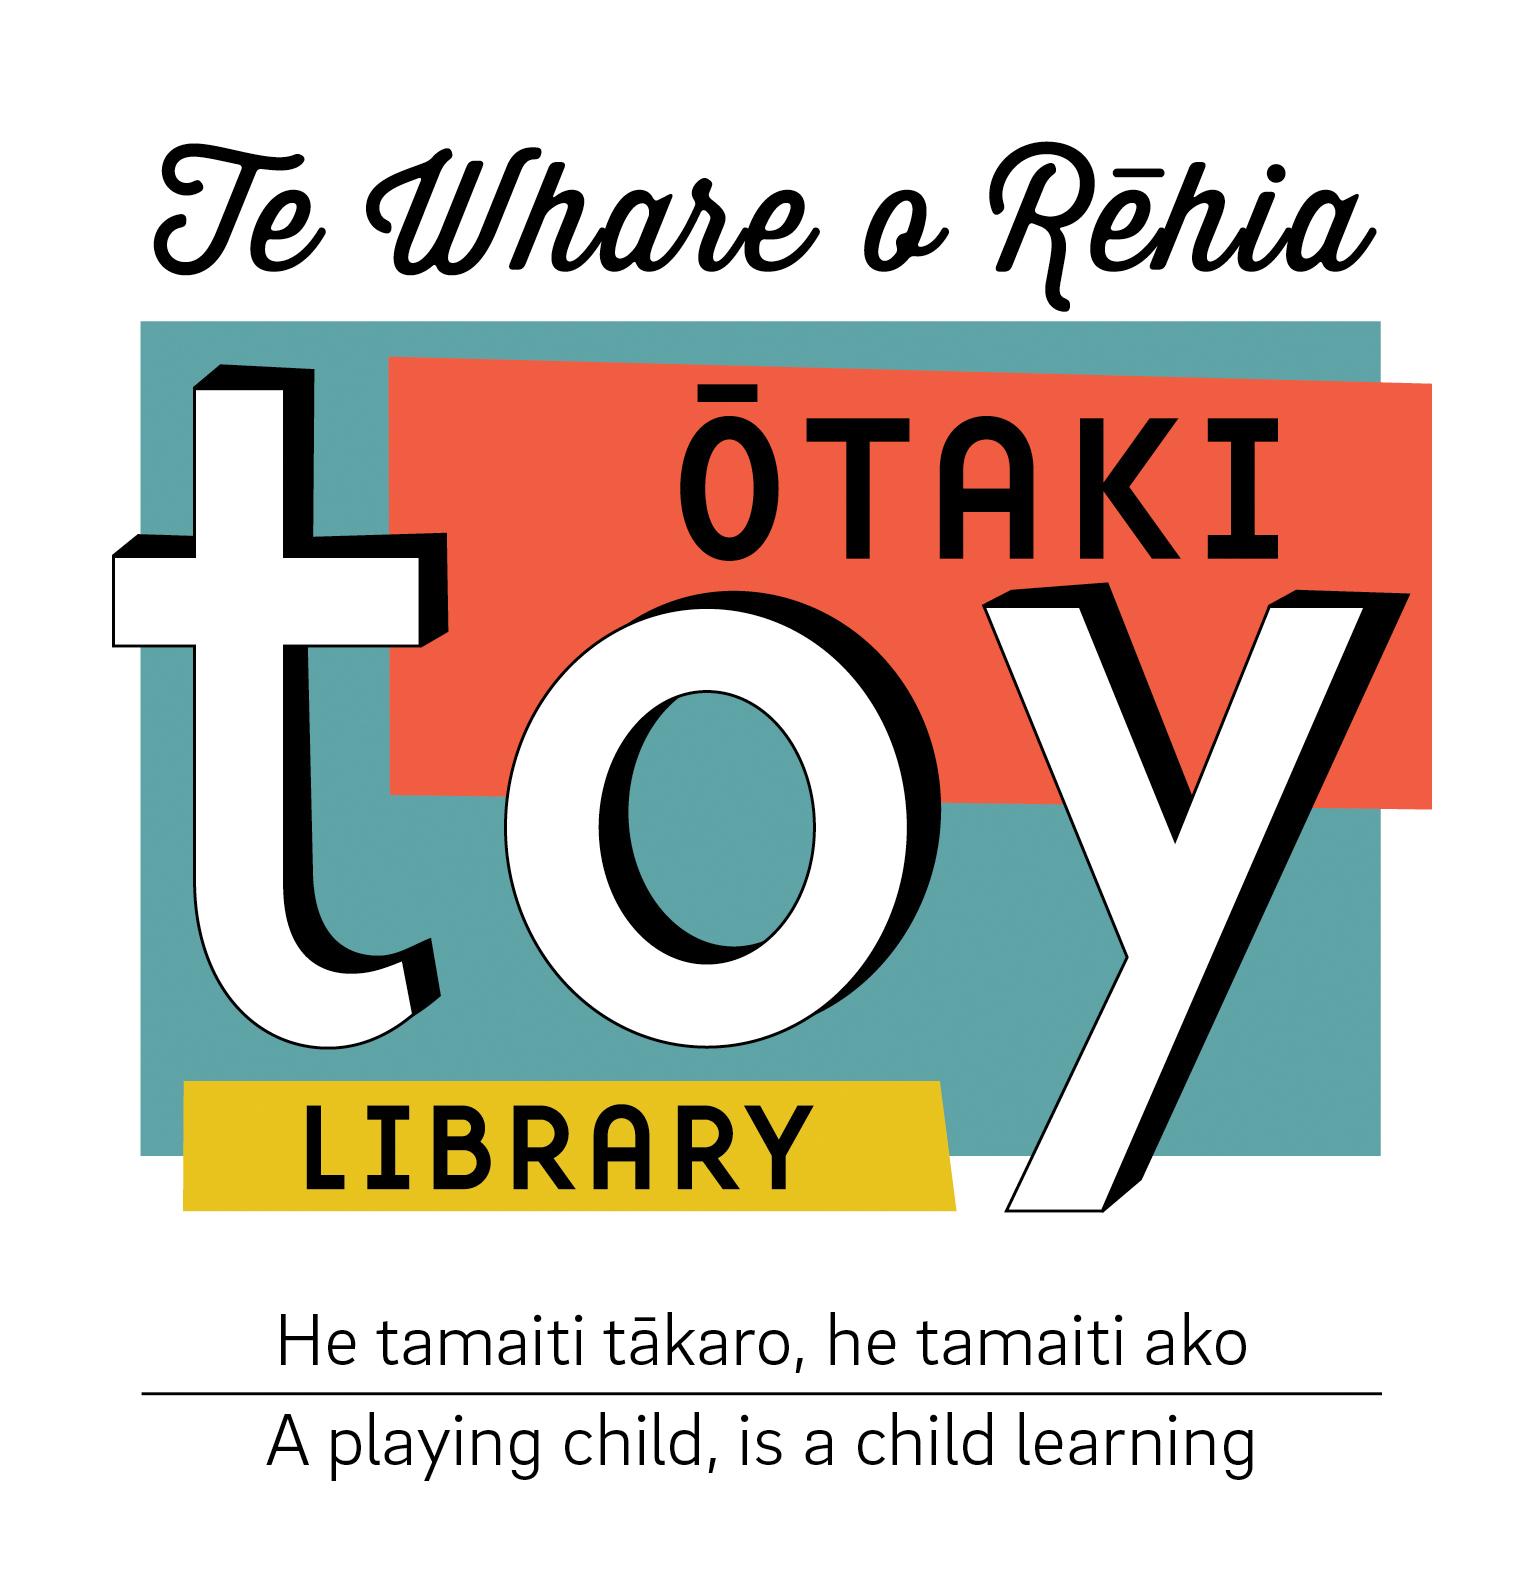 Te Whare o Rēhia Ōtaki Toy Library Logo